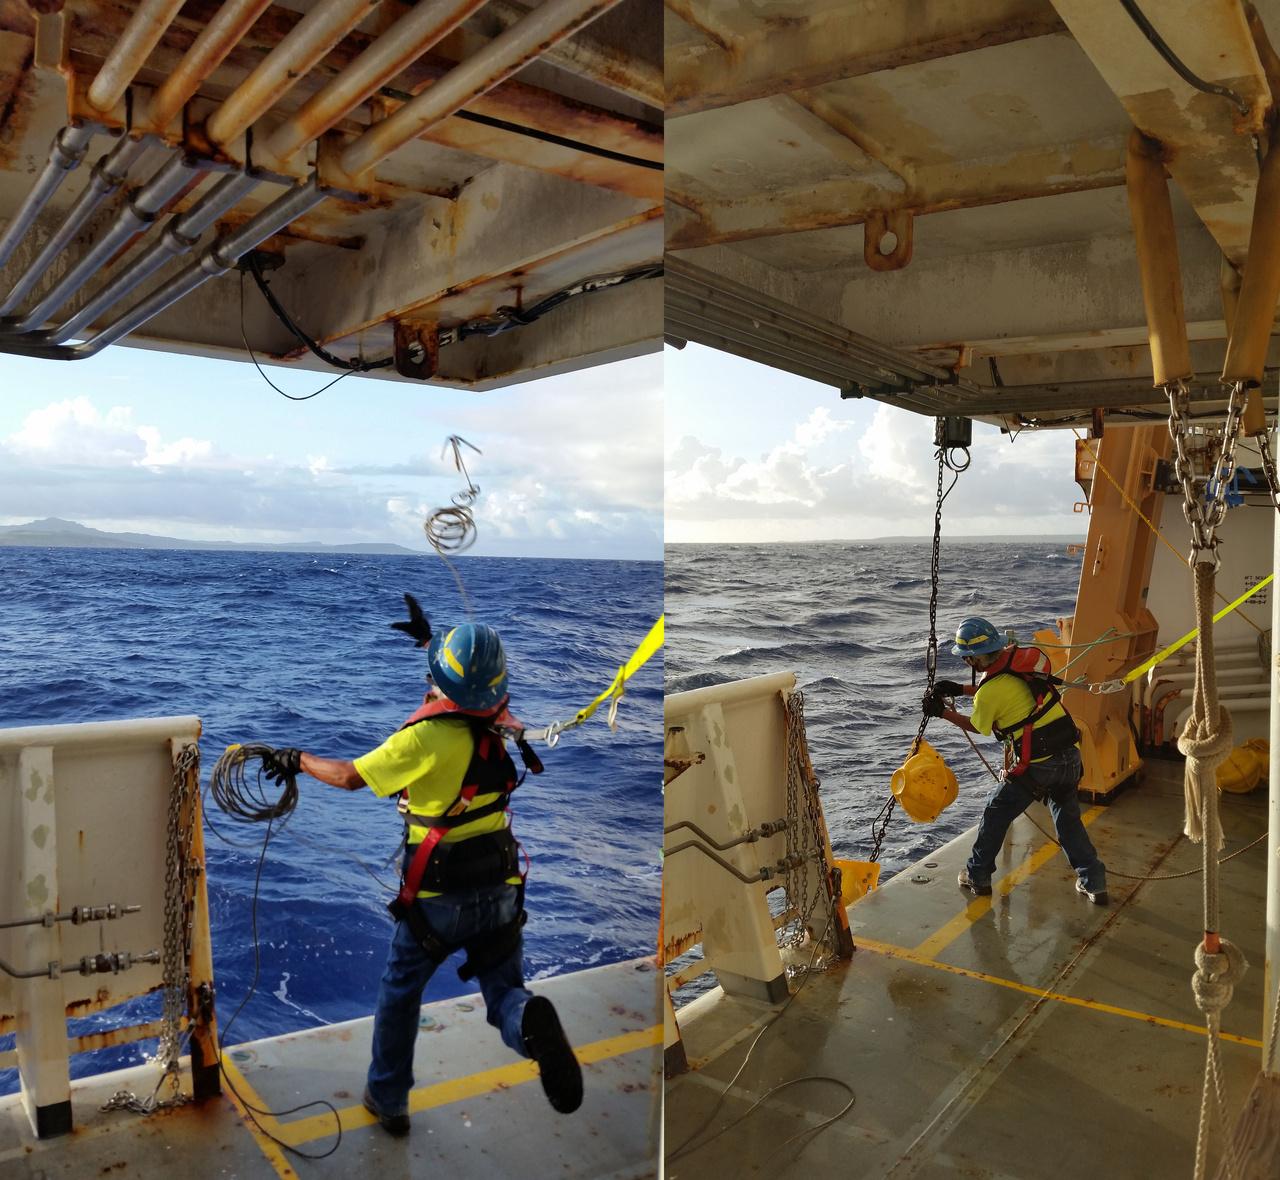 Recovering a HARP off Tinian and Saipan.